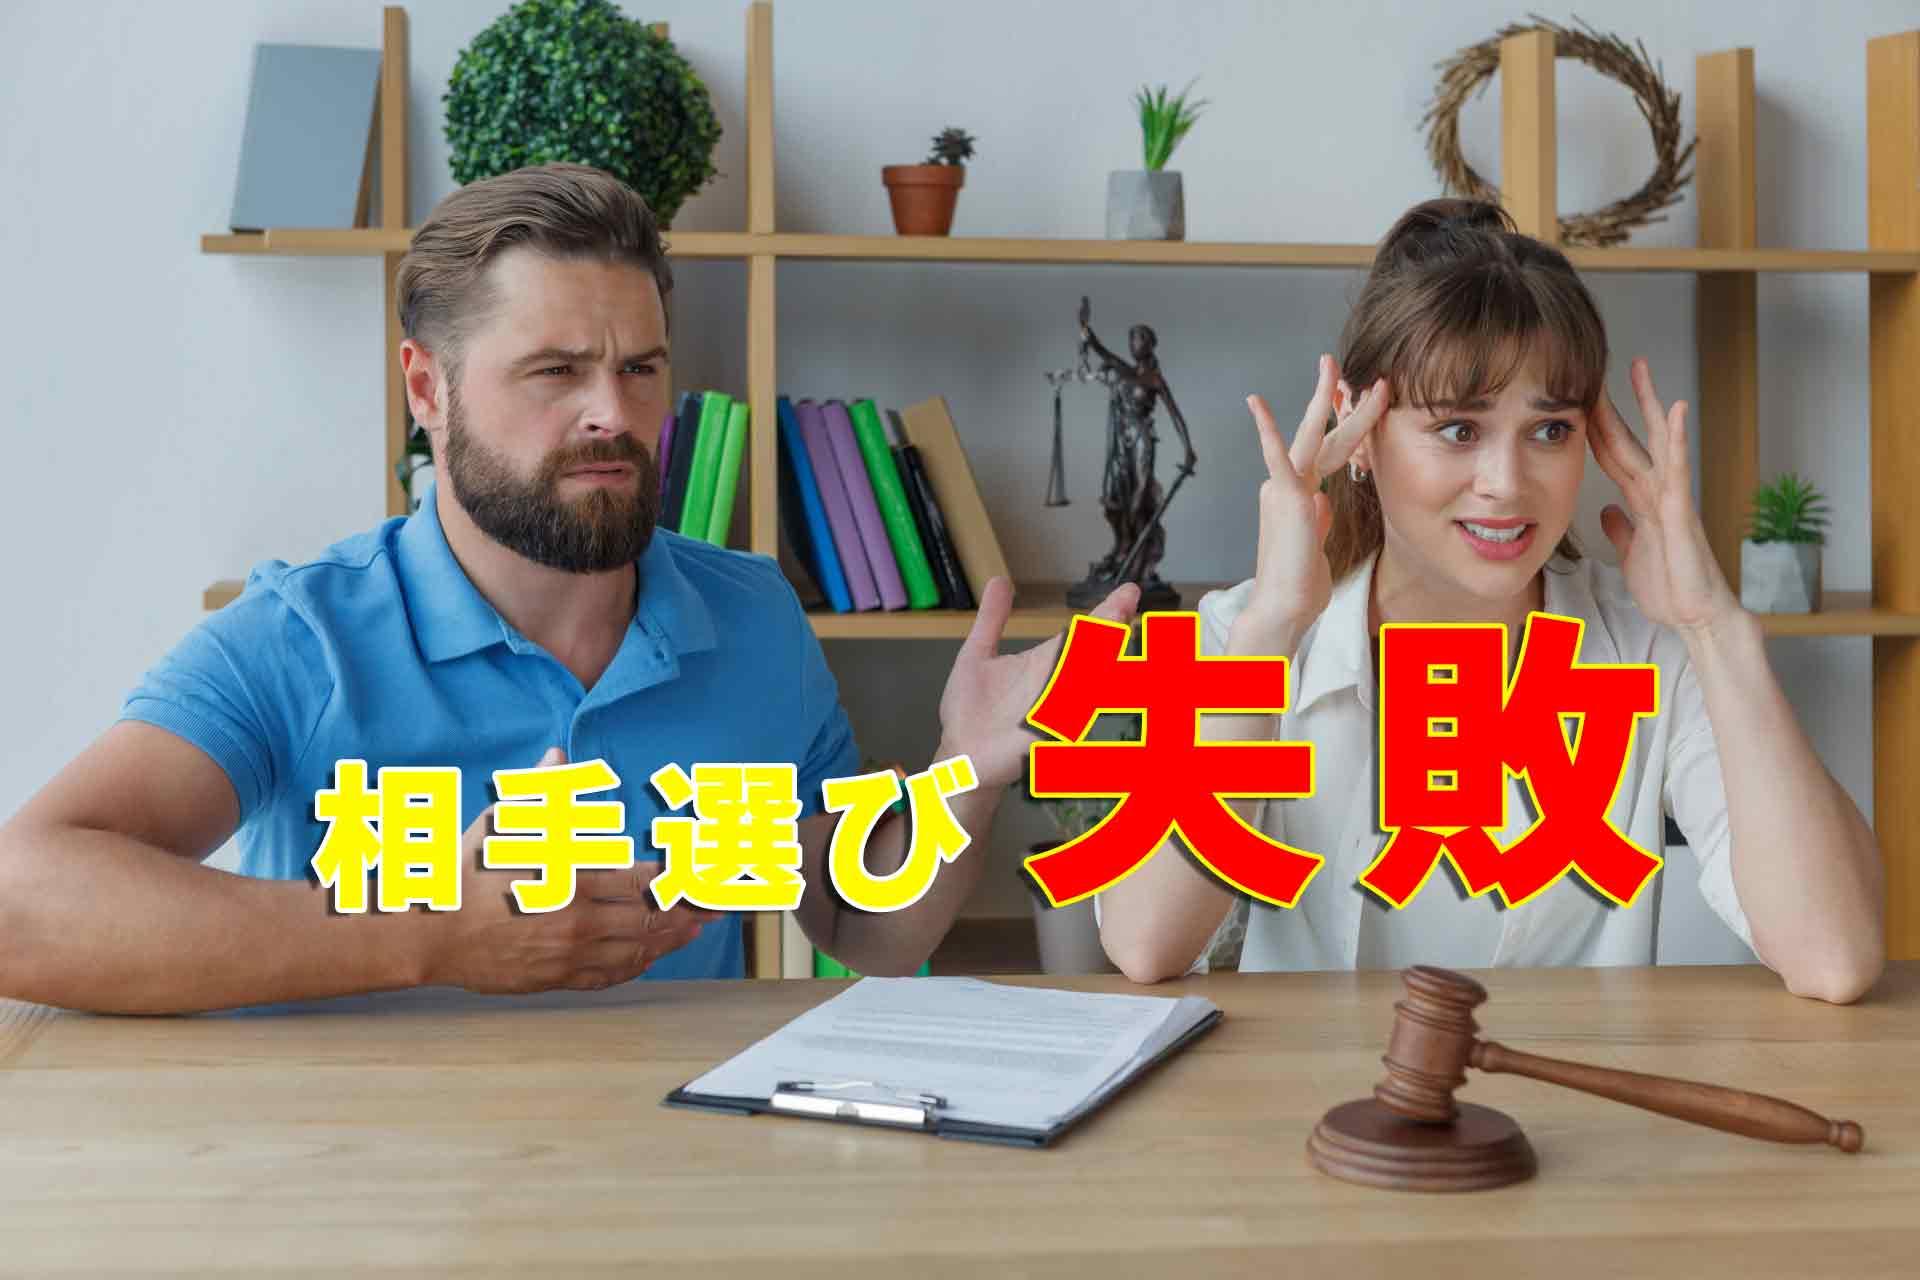 「相手選び失敗」と書かれたテキストと離婚しようと悩むカップル